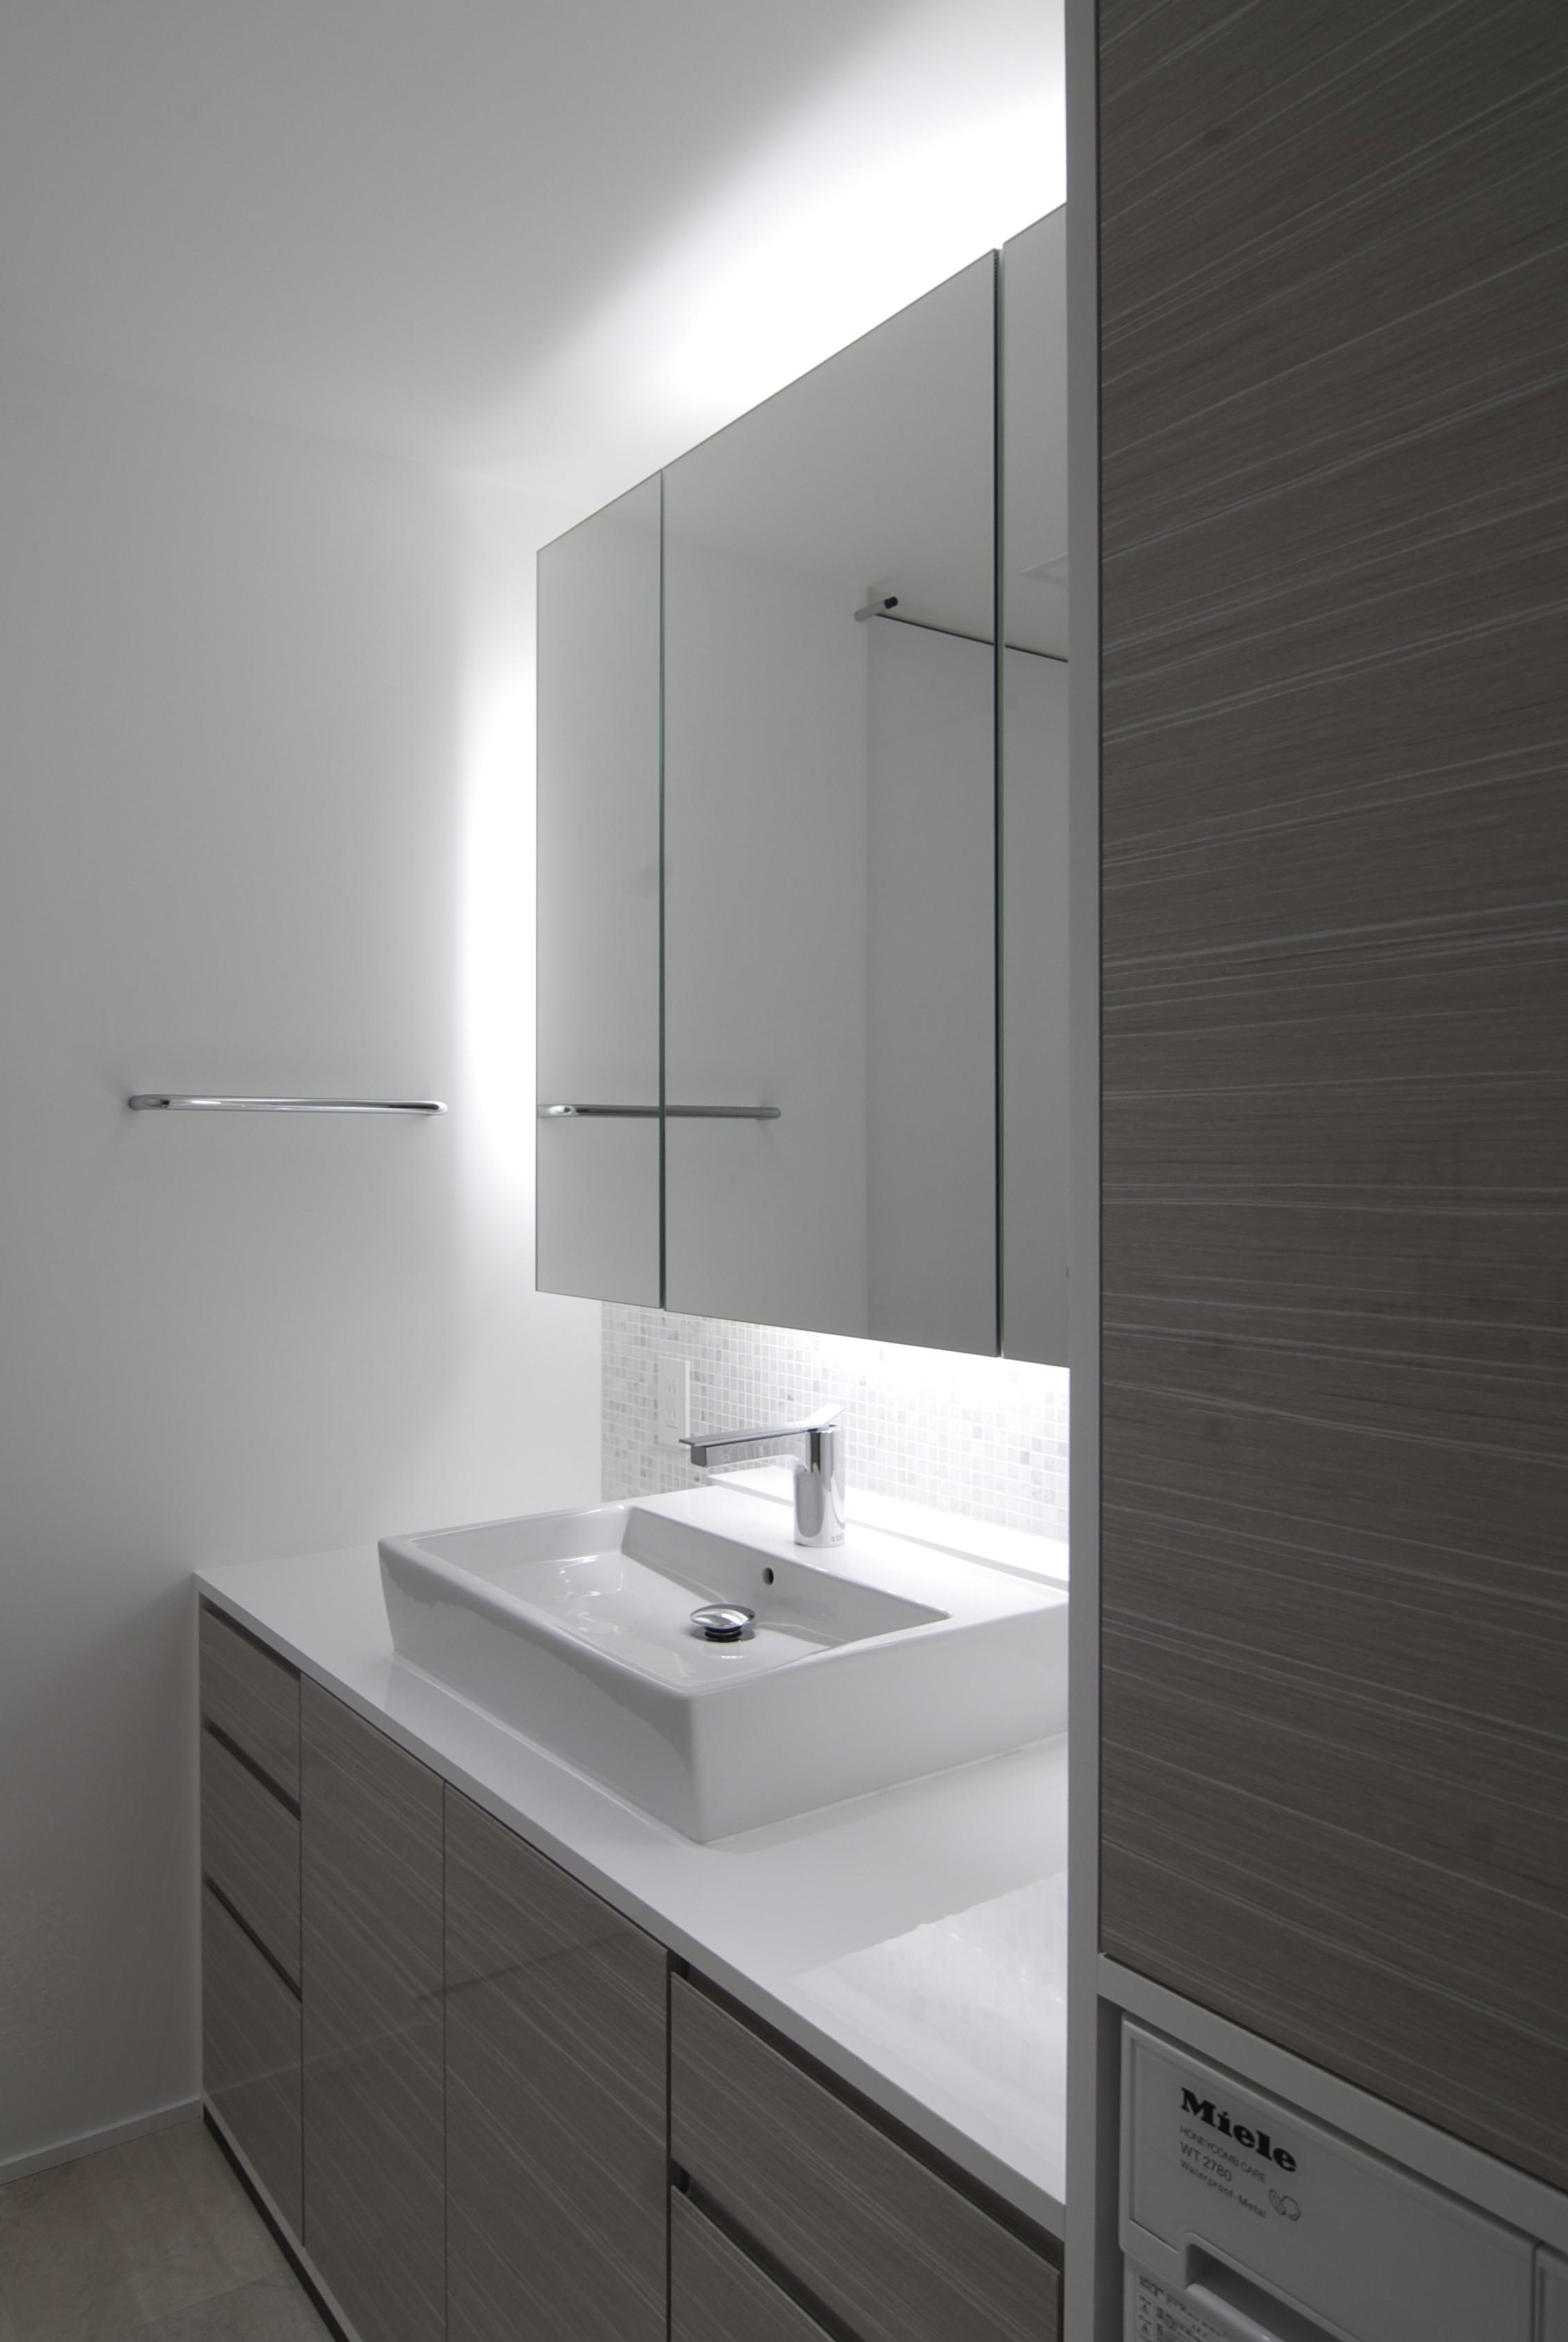 バス/トイレ事例:洗面室(高層階の眺望を楽しむ扇型リビングの家)